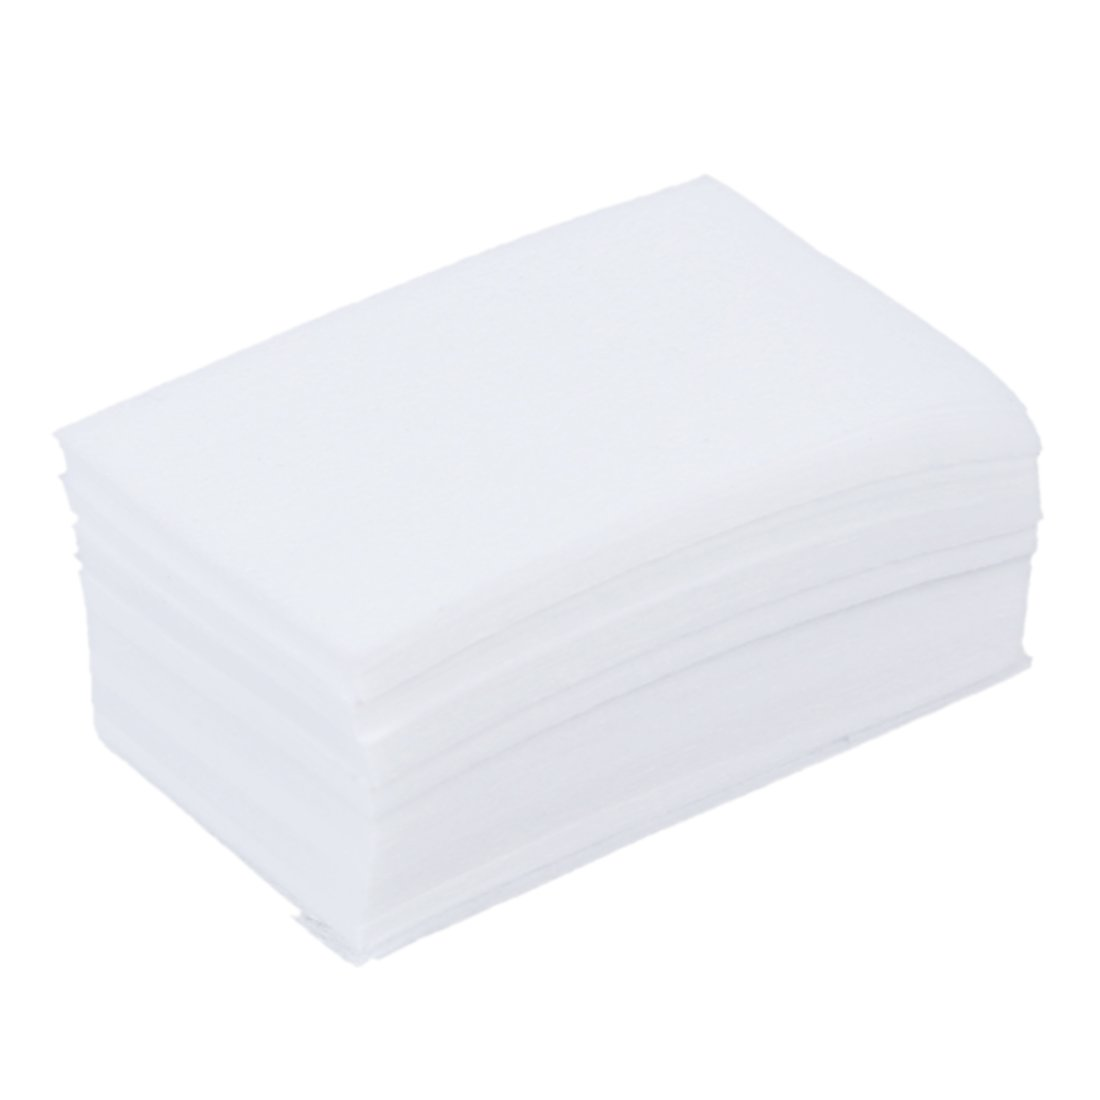 TOOGOO (R) 900pz Manicure rimozione del smalto Salviette Cotone pelucchi Pads carta SODIAL(R) 007624